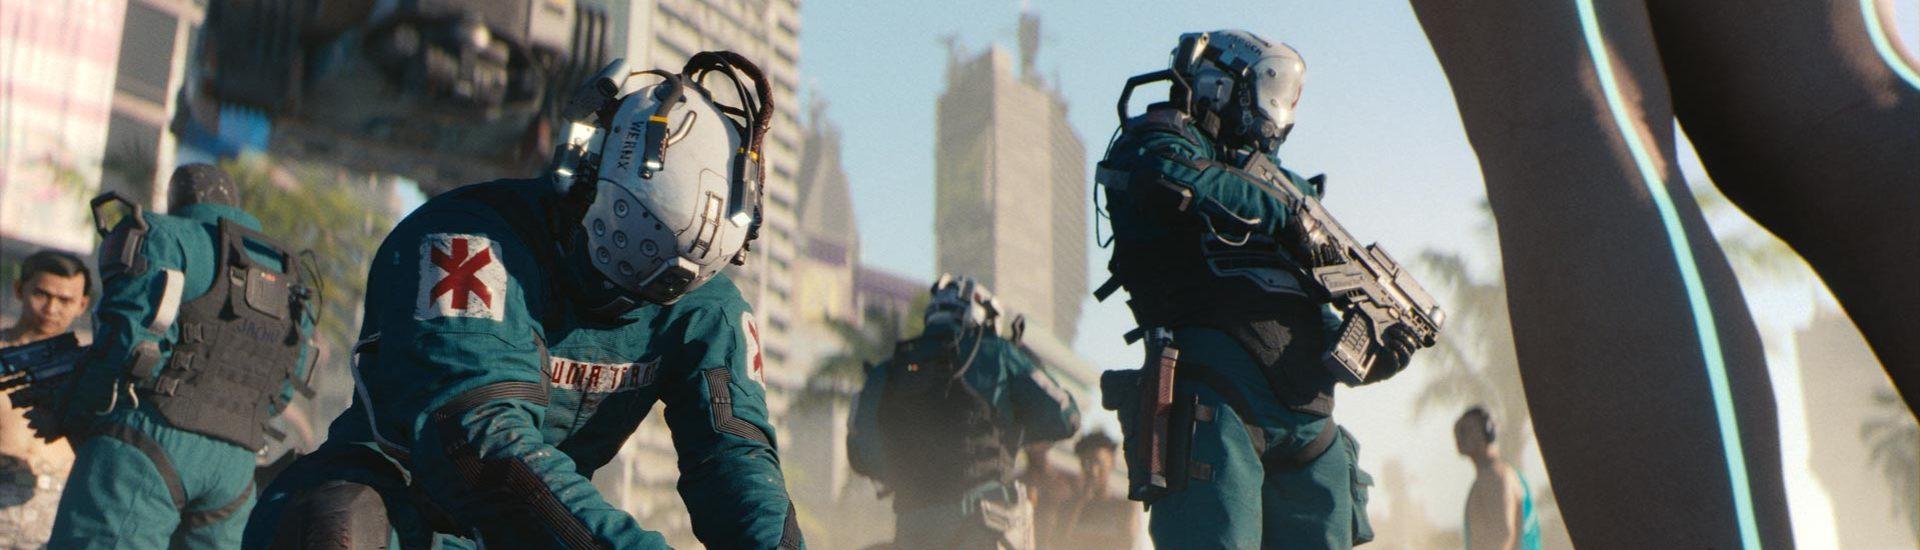 Cyberpunk 2077: Entwickler vermutet hinter den Bugs Vertuschung